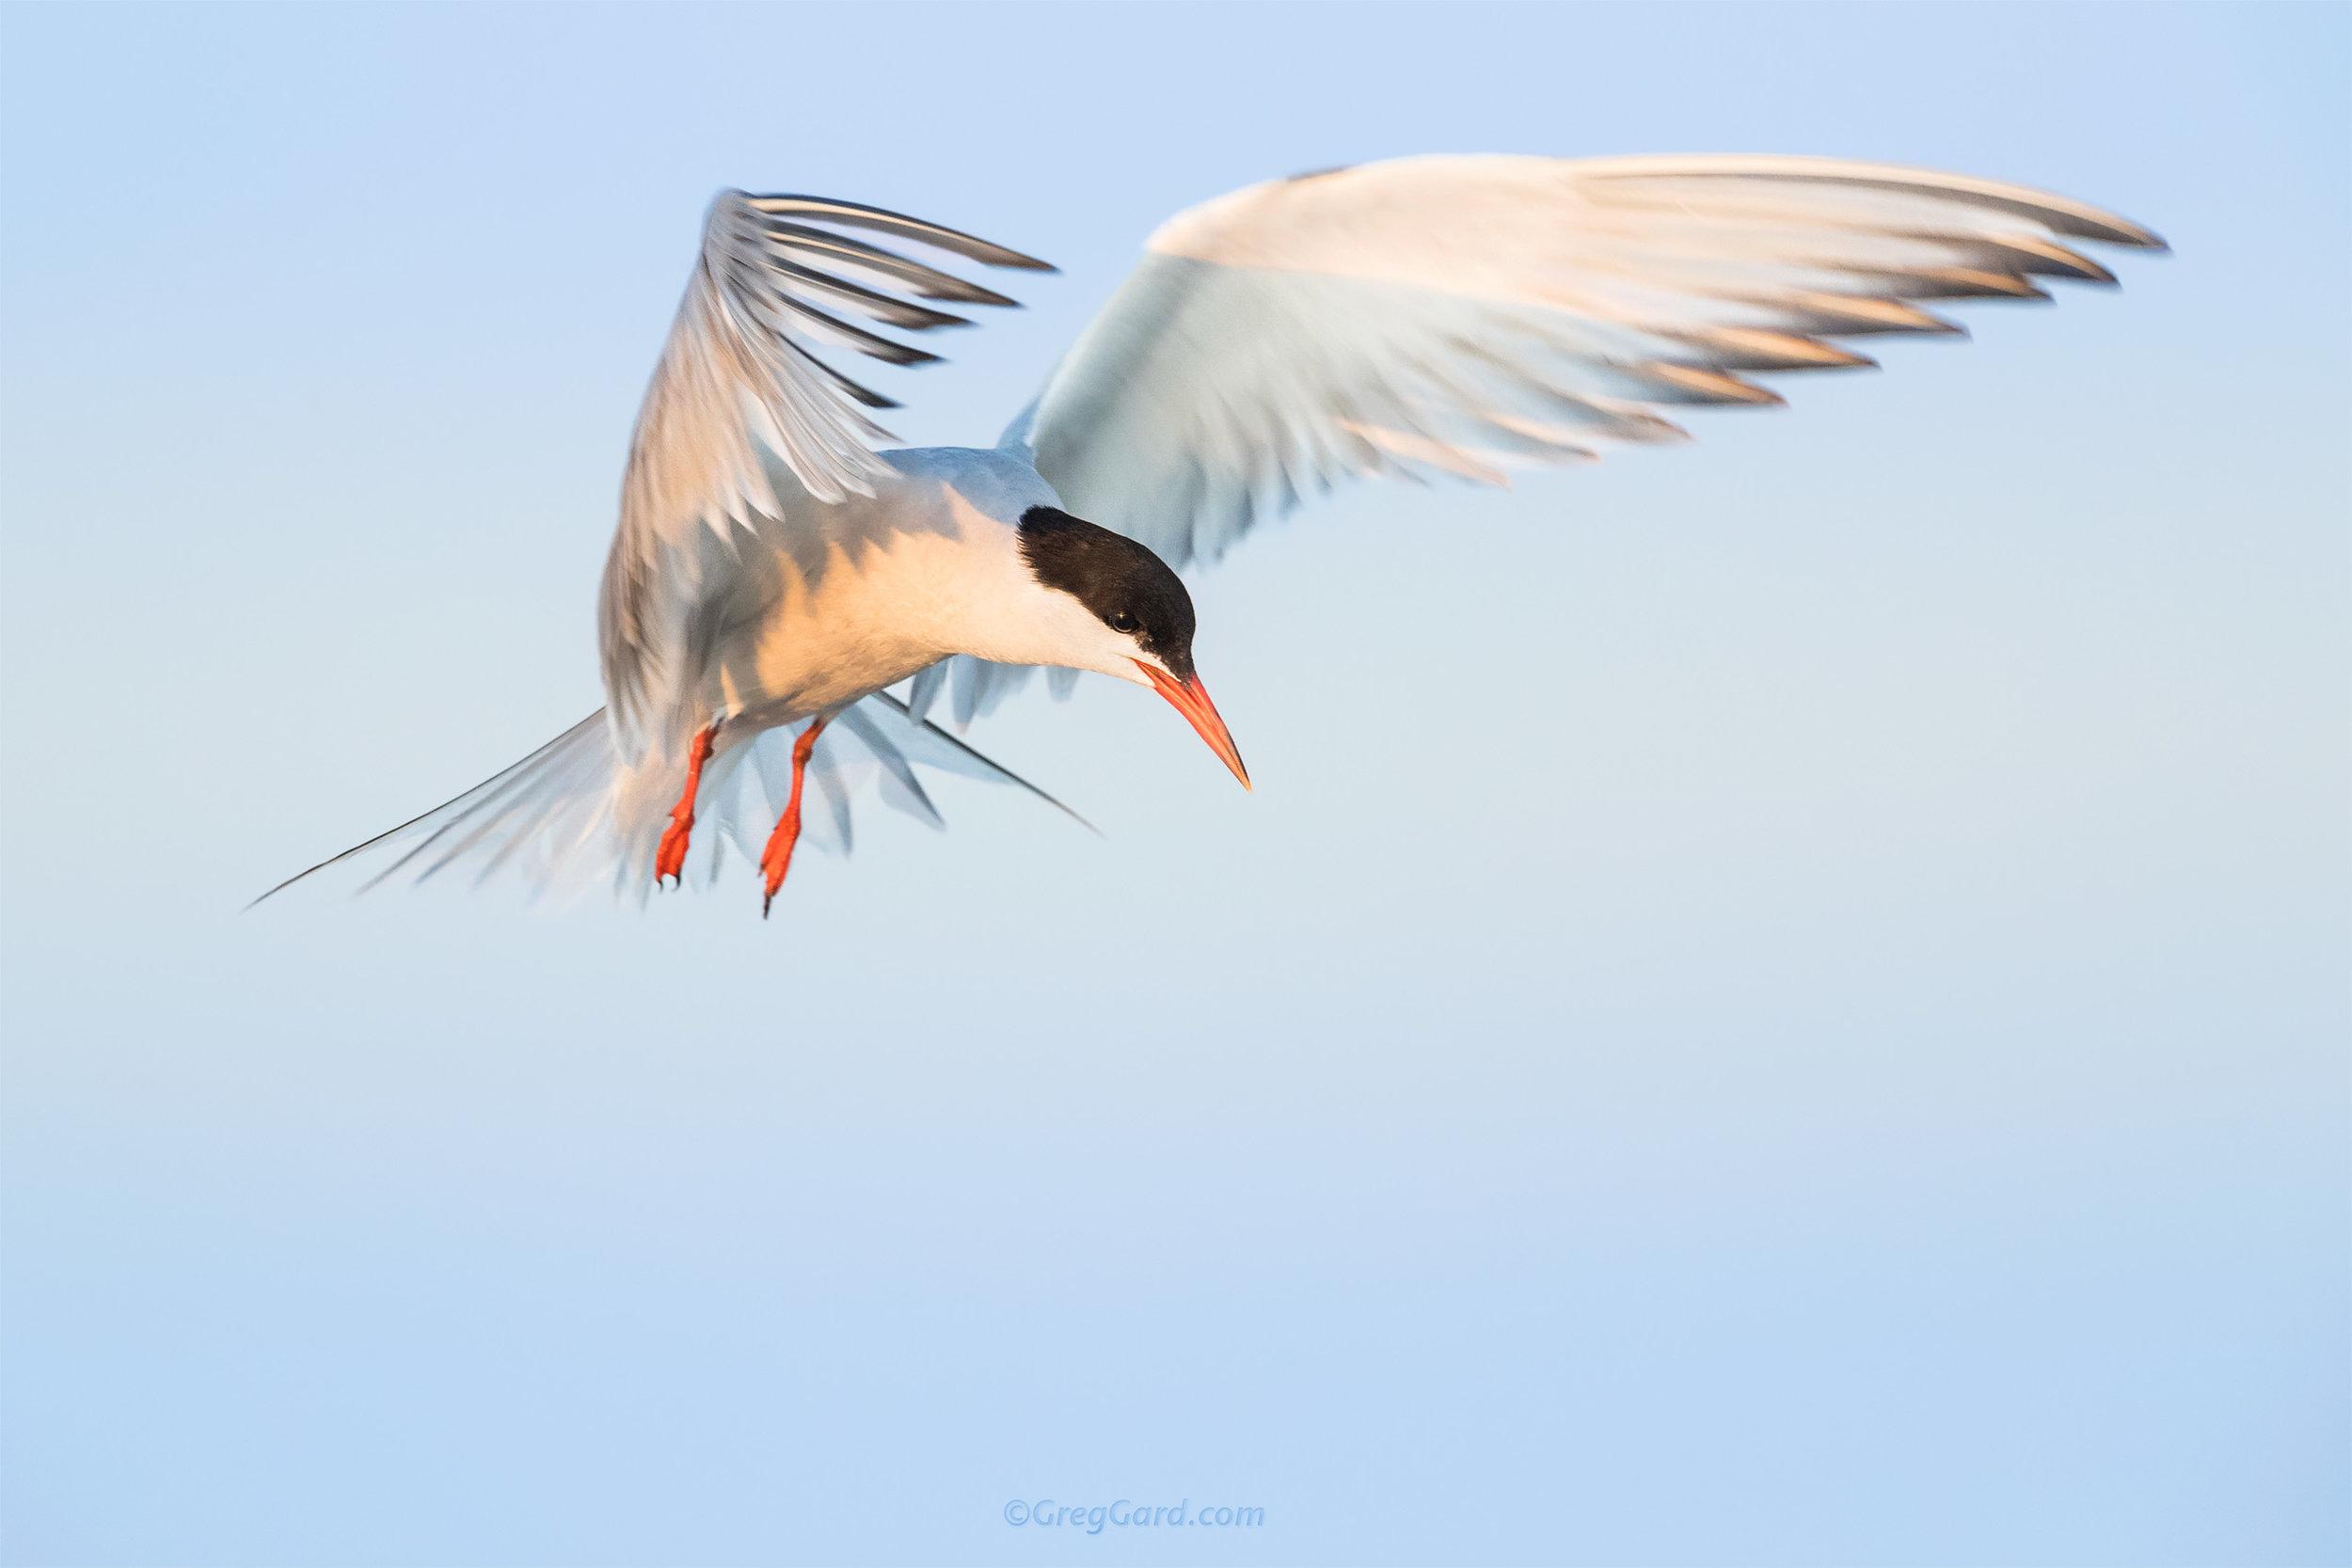 Common Tern - Nickerson Beach, NY